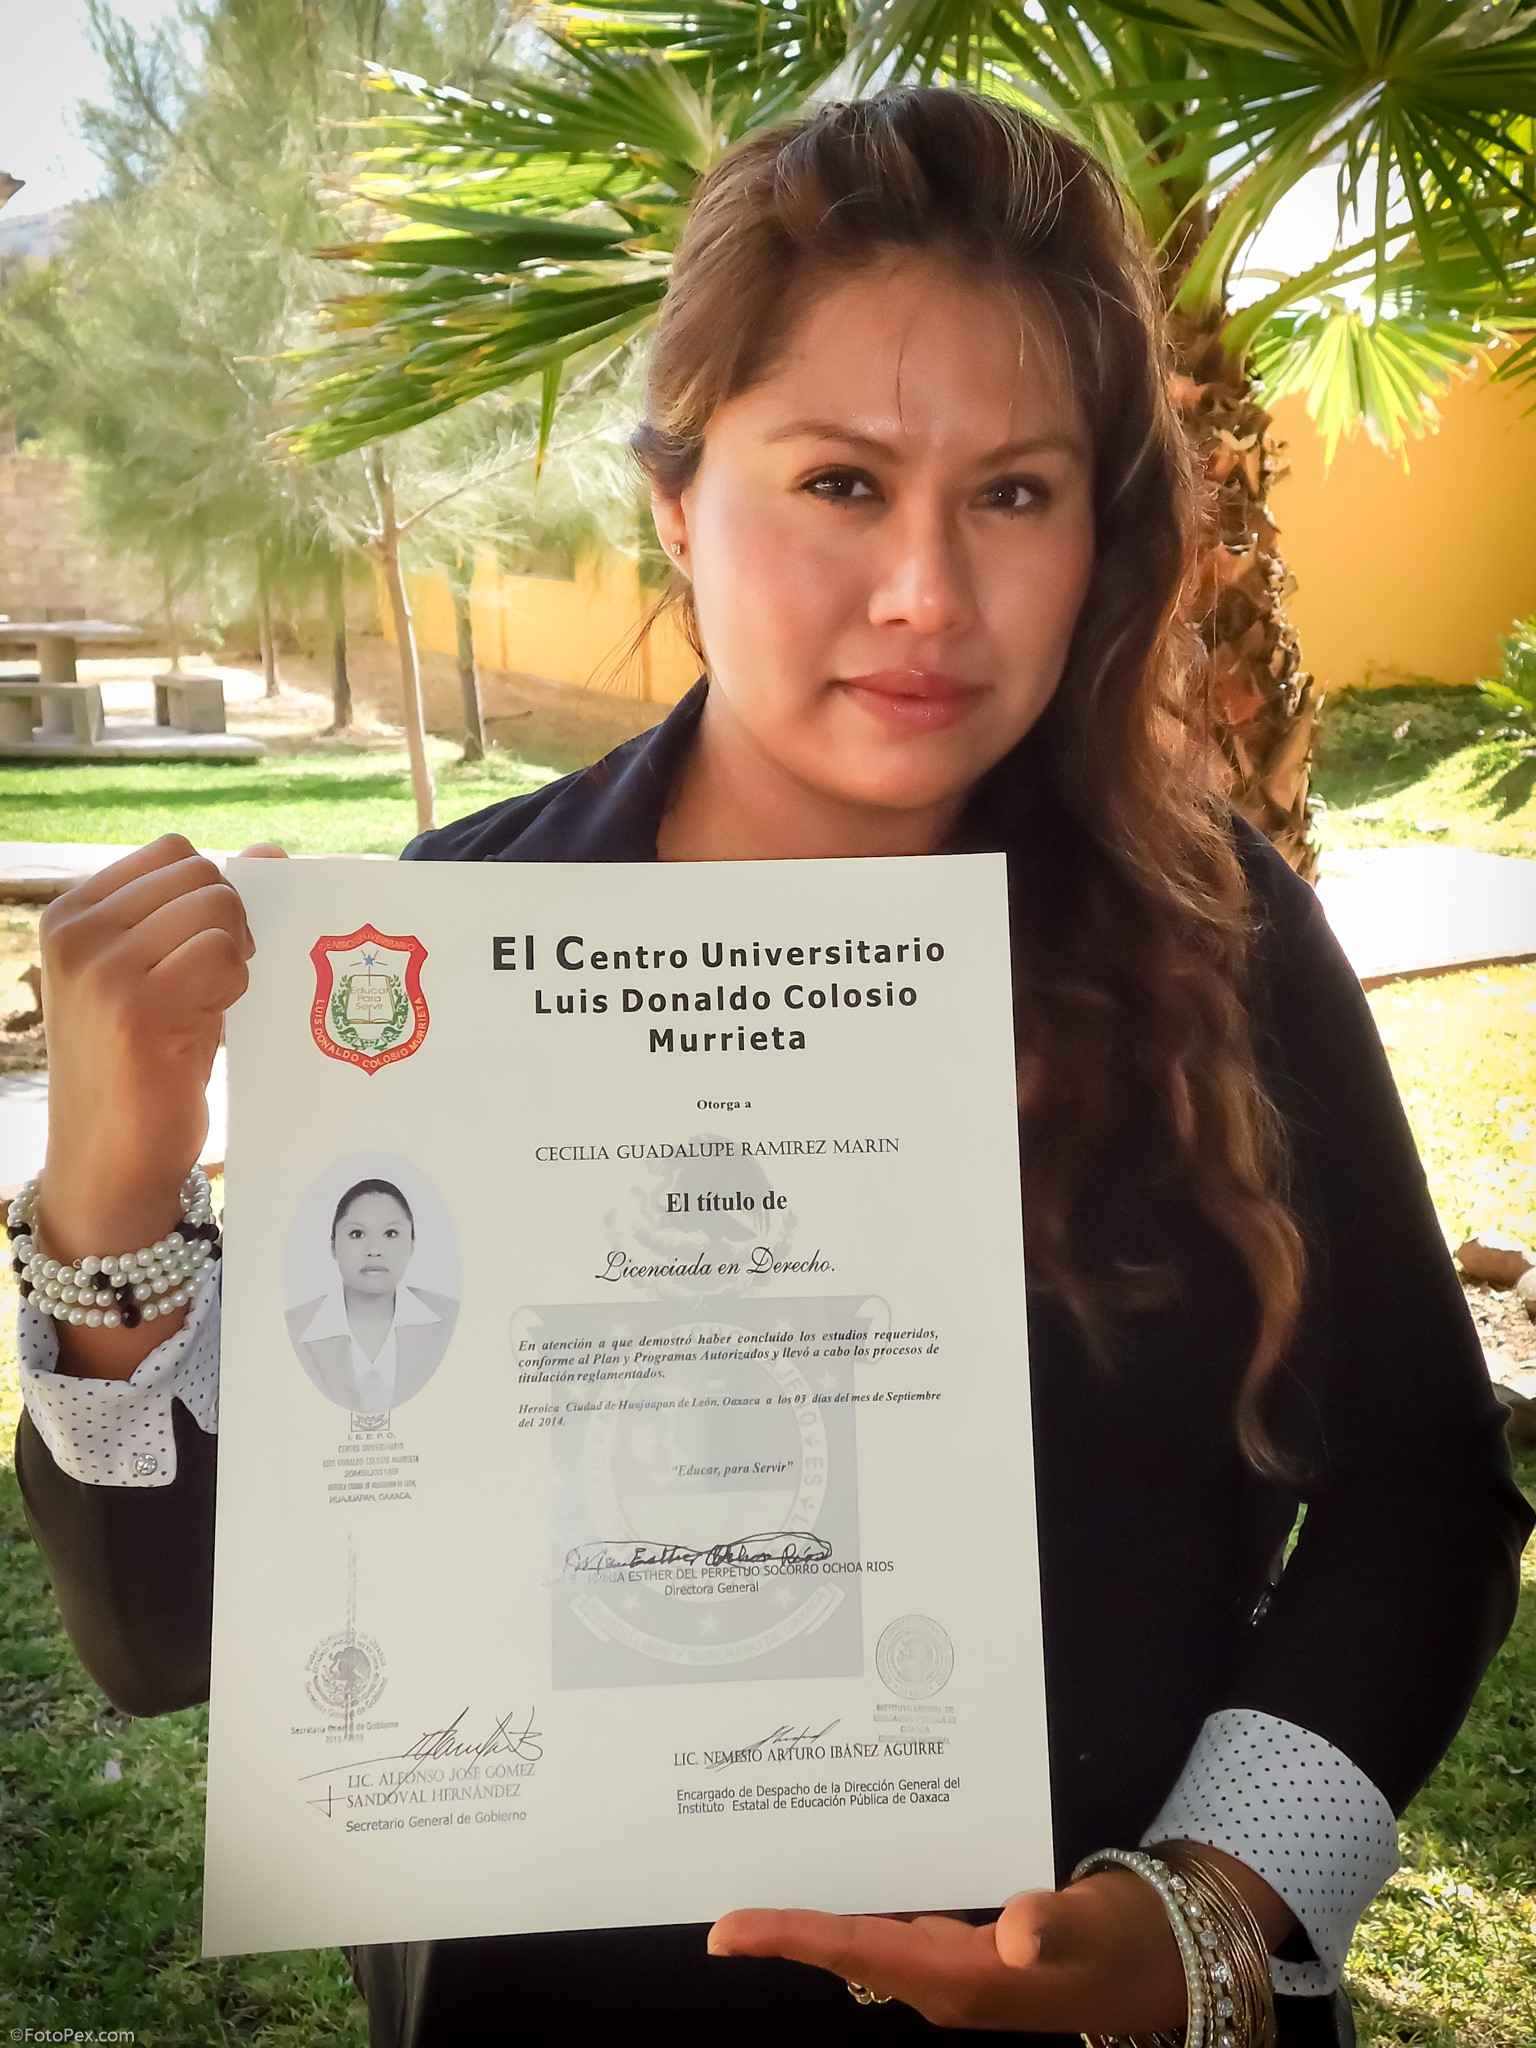 Lic. Cecilia Guadalupe Ramirez Marin